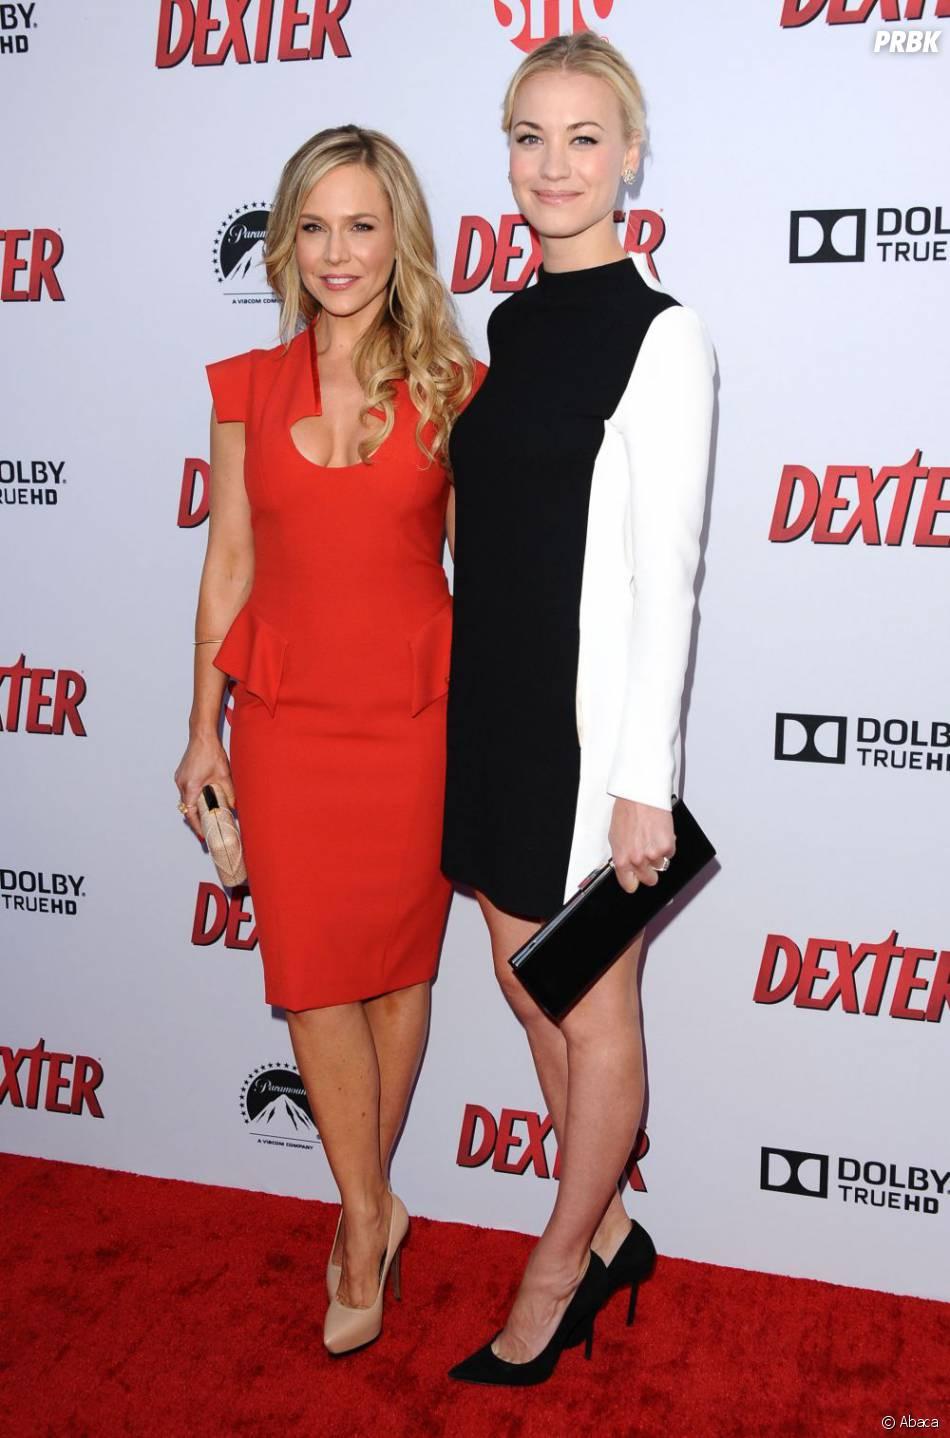 Julie Benz et Yvonne Strahovski, deux blondes réunies pour Dexter saison 8, le 15 juin 2013 à L.A